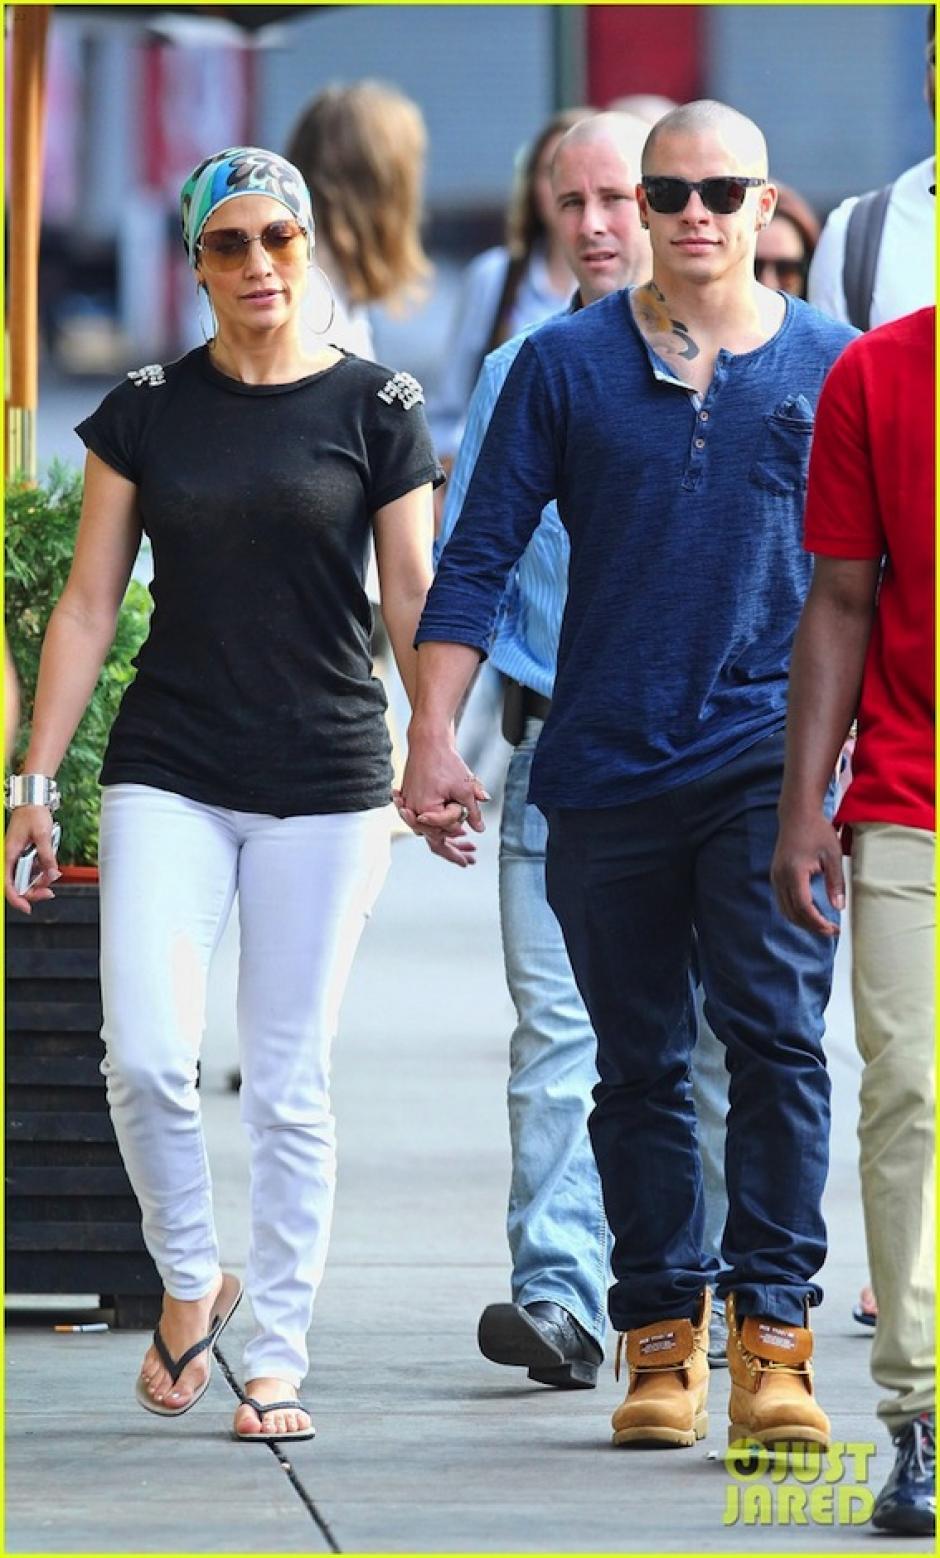 Esta pareja ya no regresará a estar junta. (Foto: Just Jared)